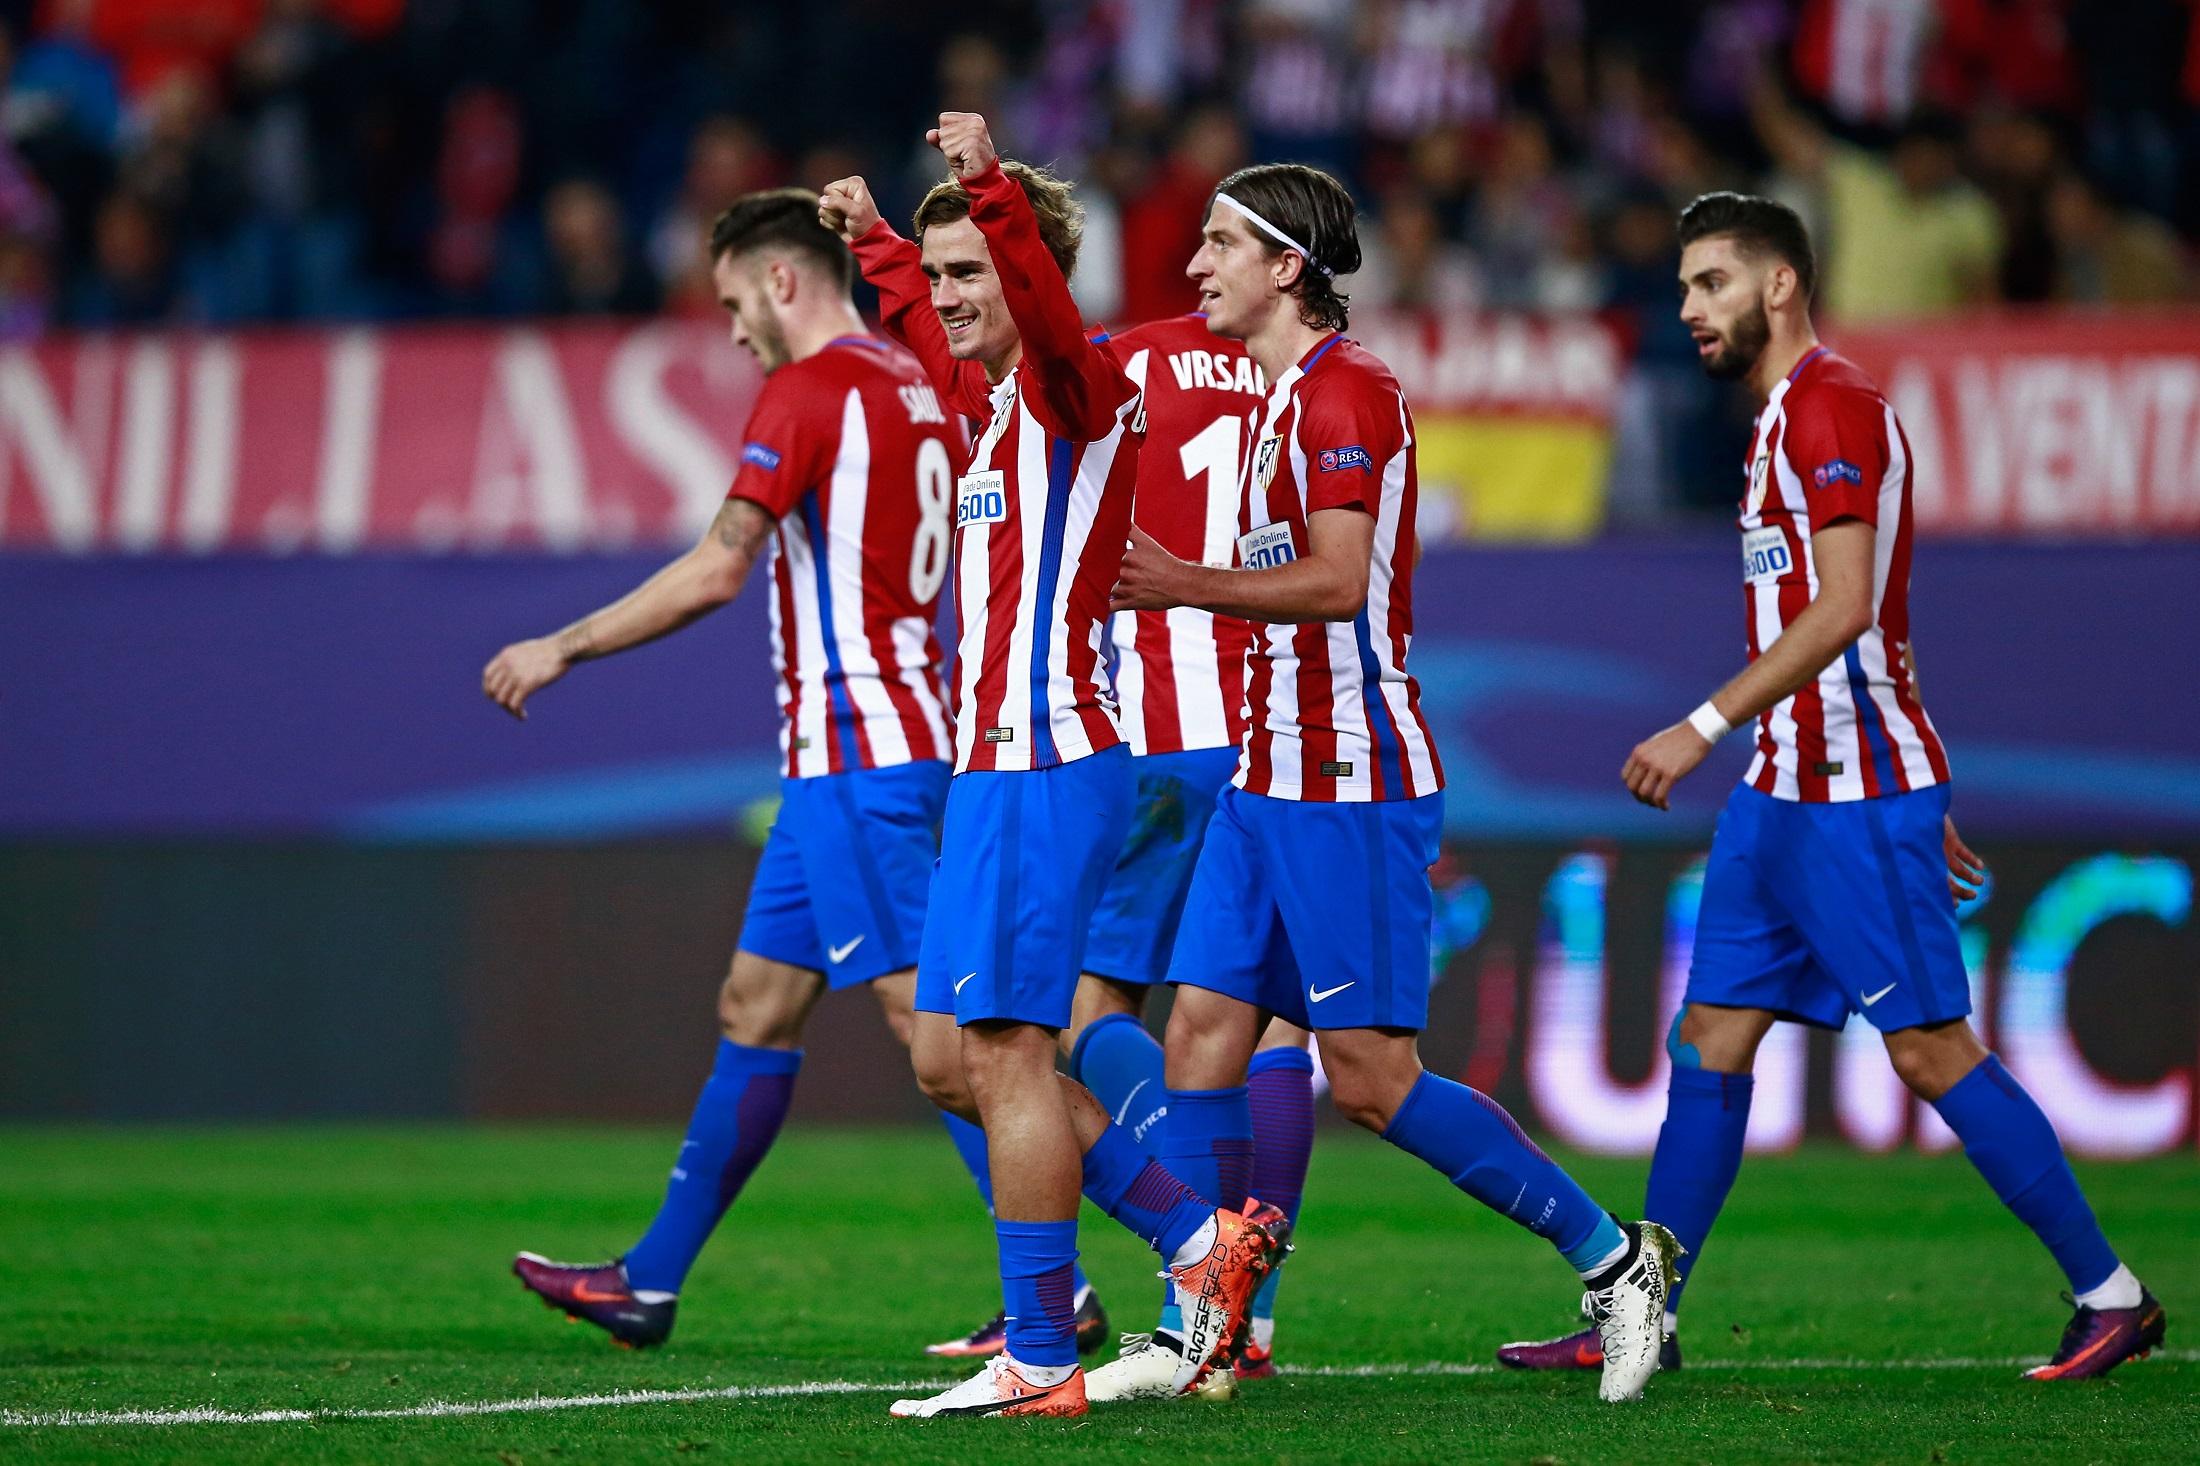 Los jugadores del Atlético de Madrid celebran un tanto en la primera fase de la Champions League 16/17.